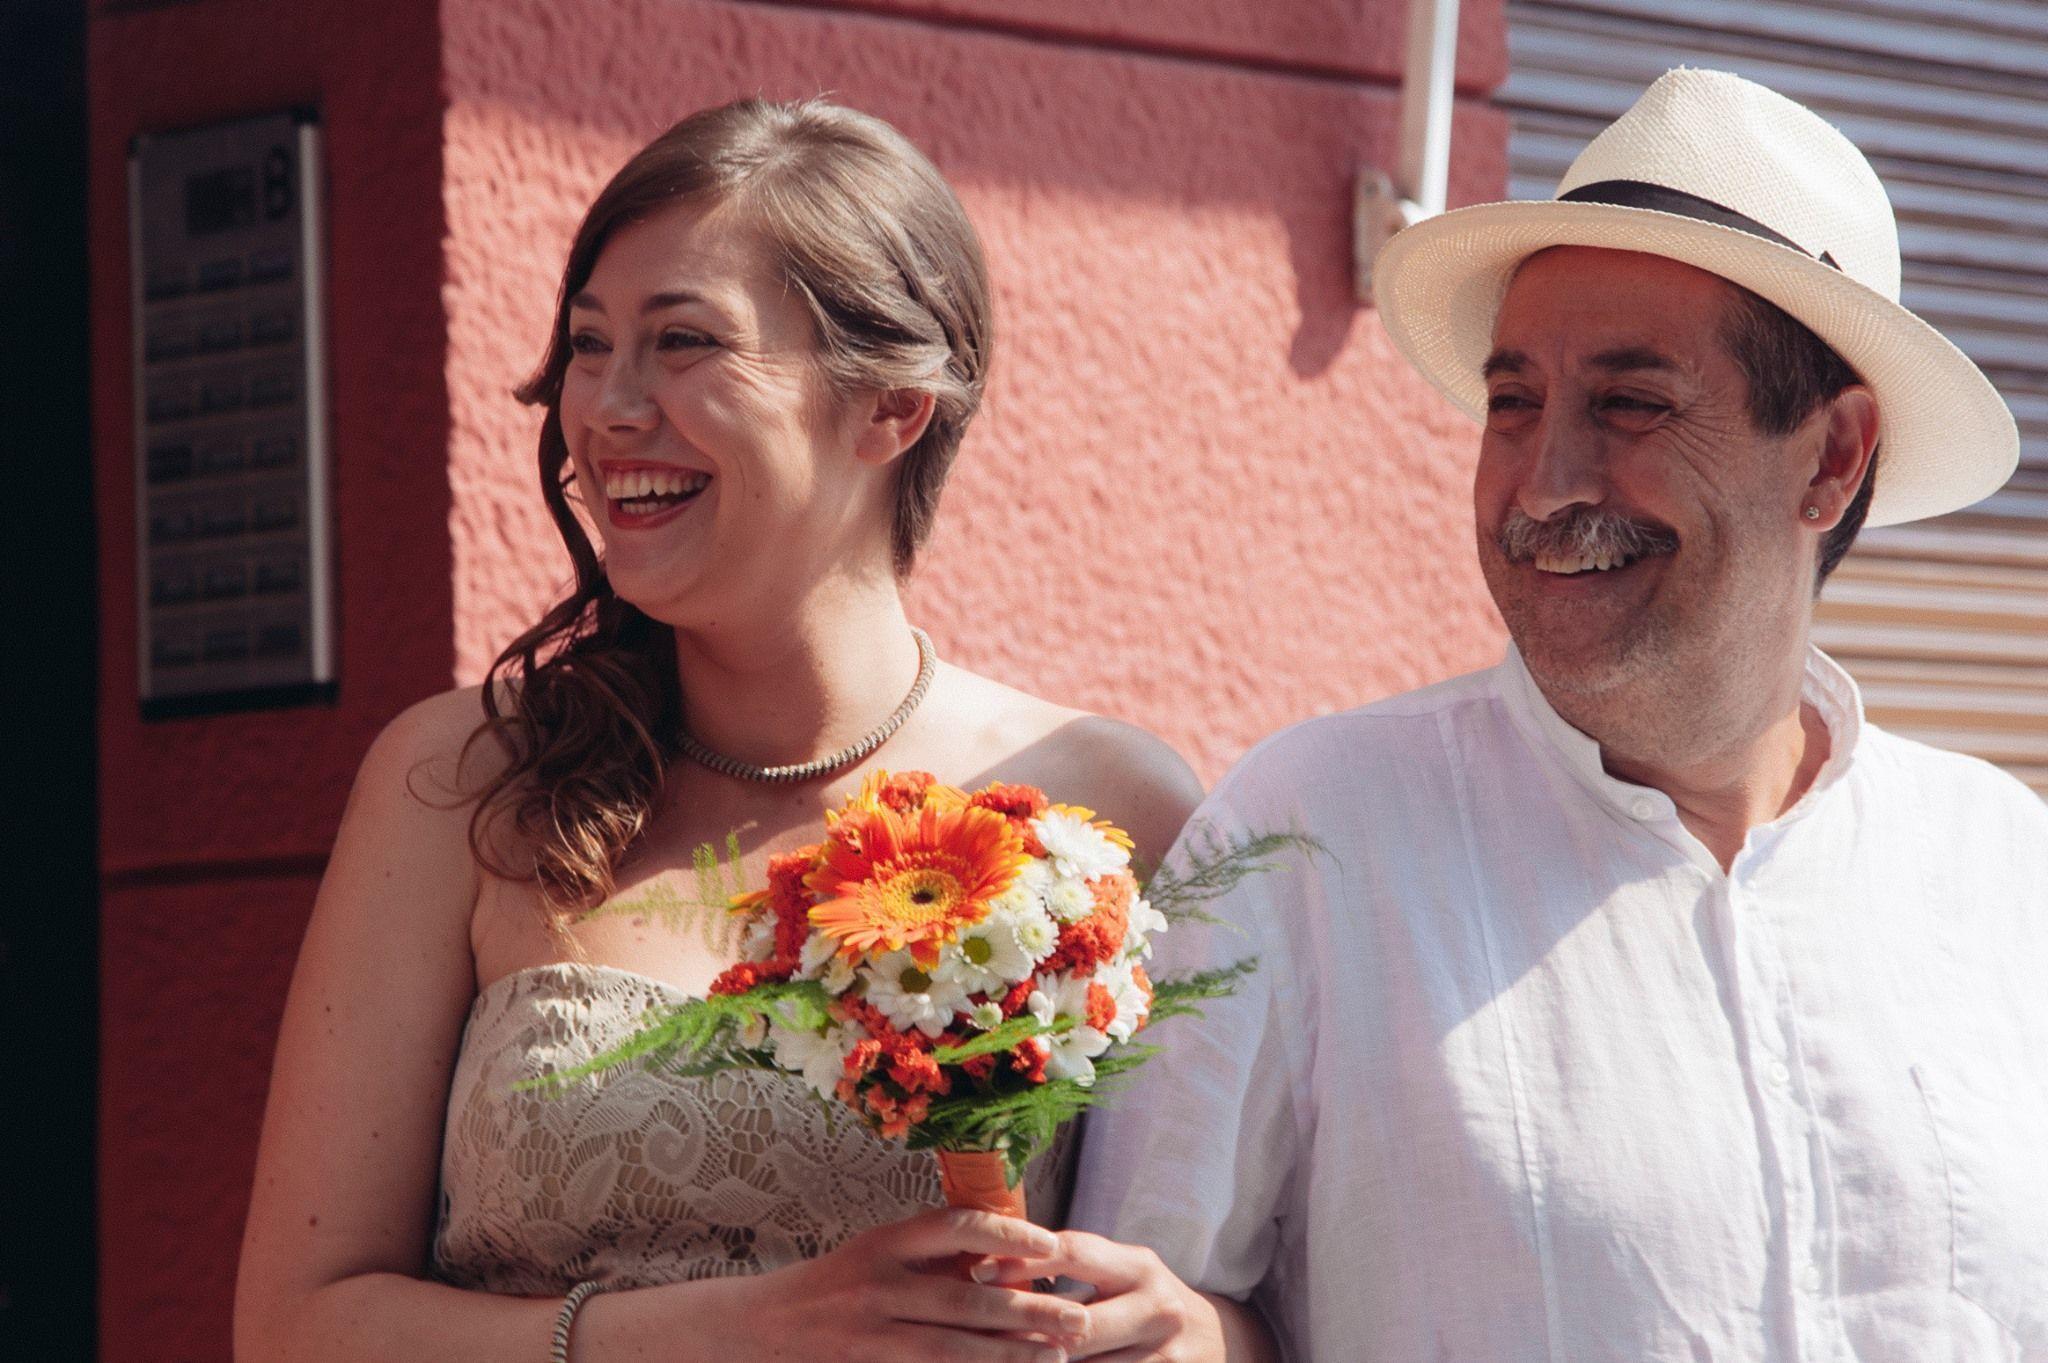 Padre e hija en el día de la boda de esta